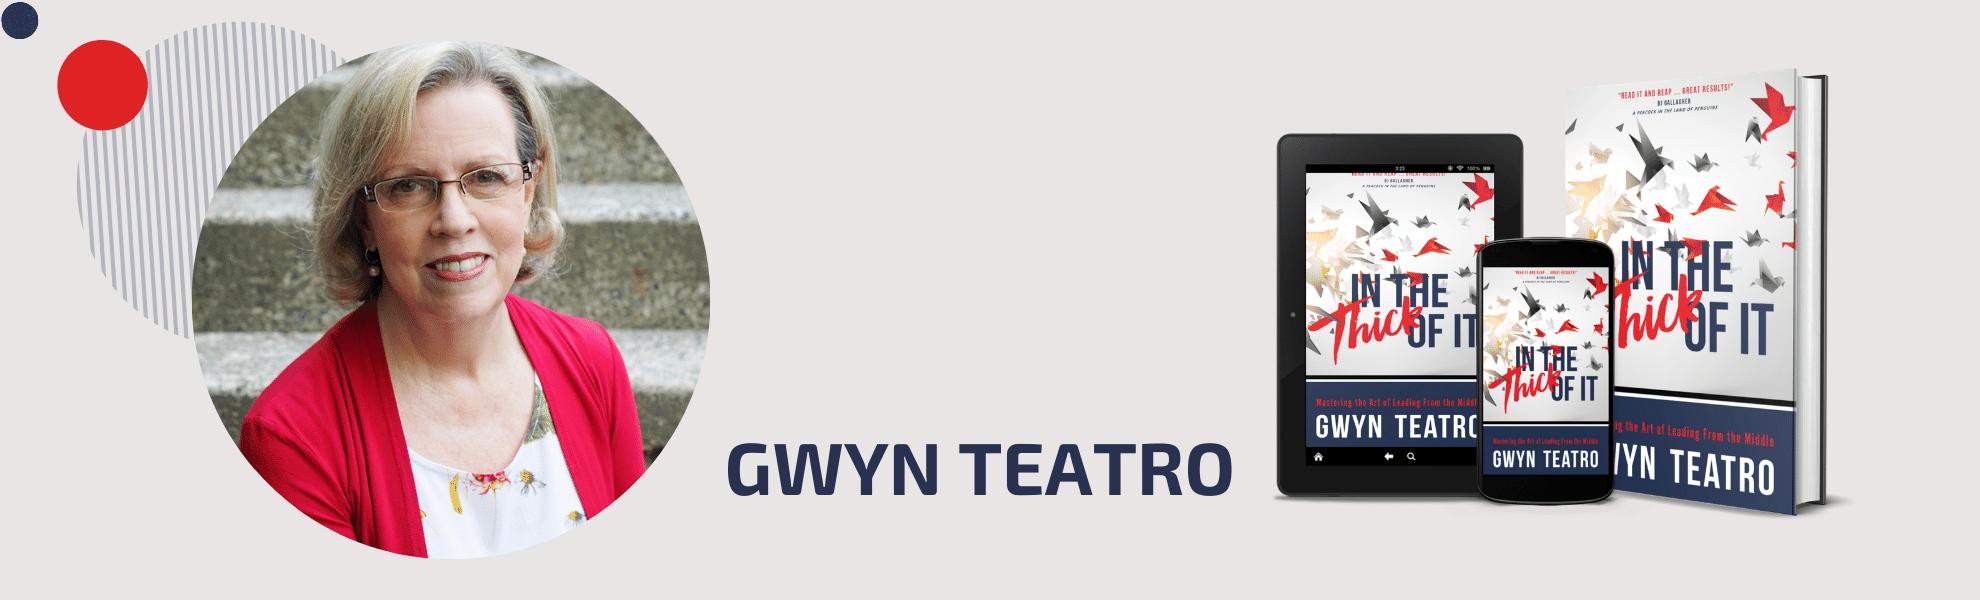 author gwyn teatro header